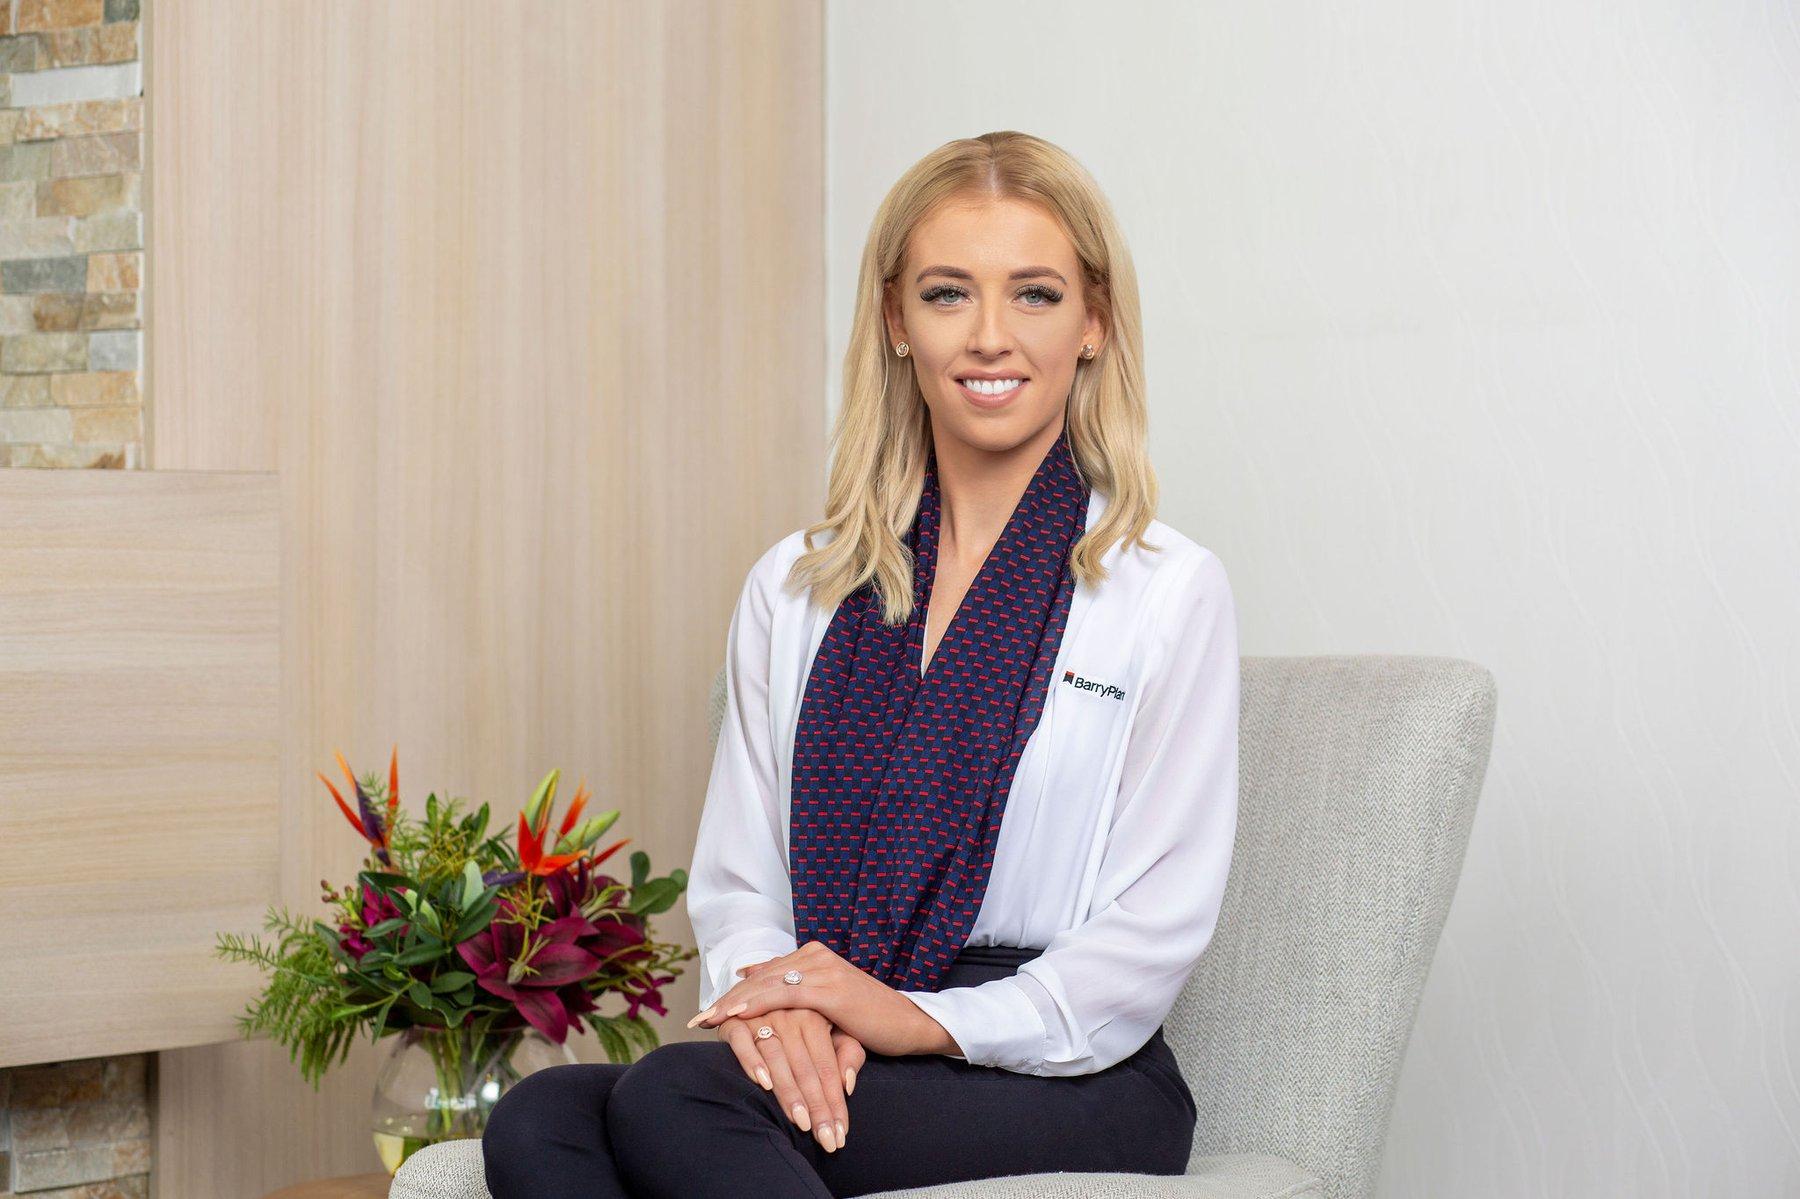 Brittany Traynor